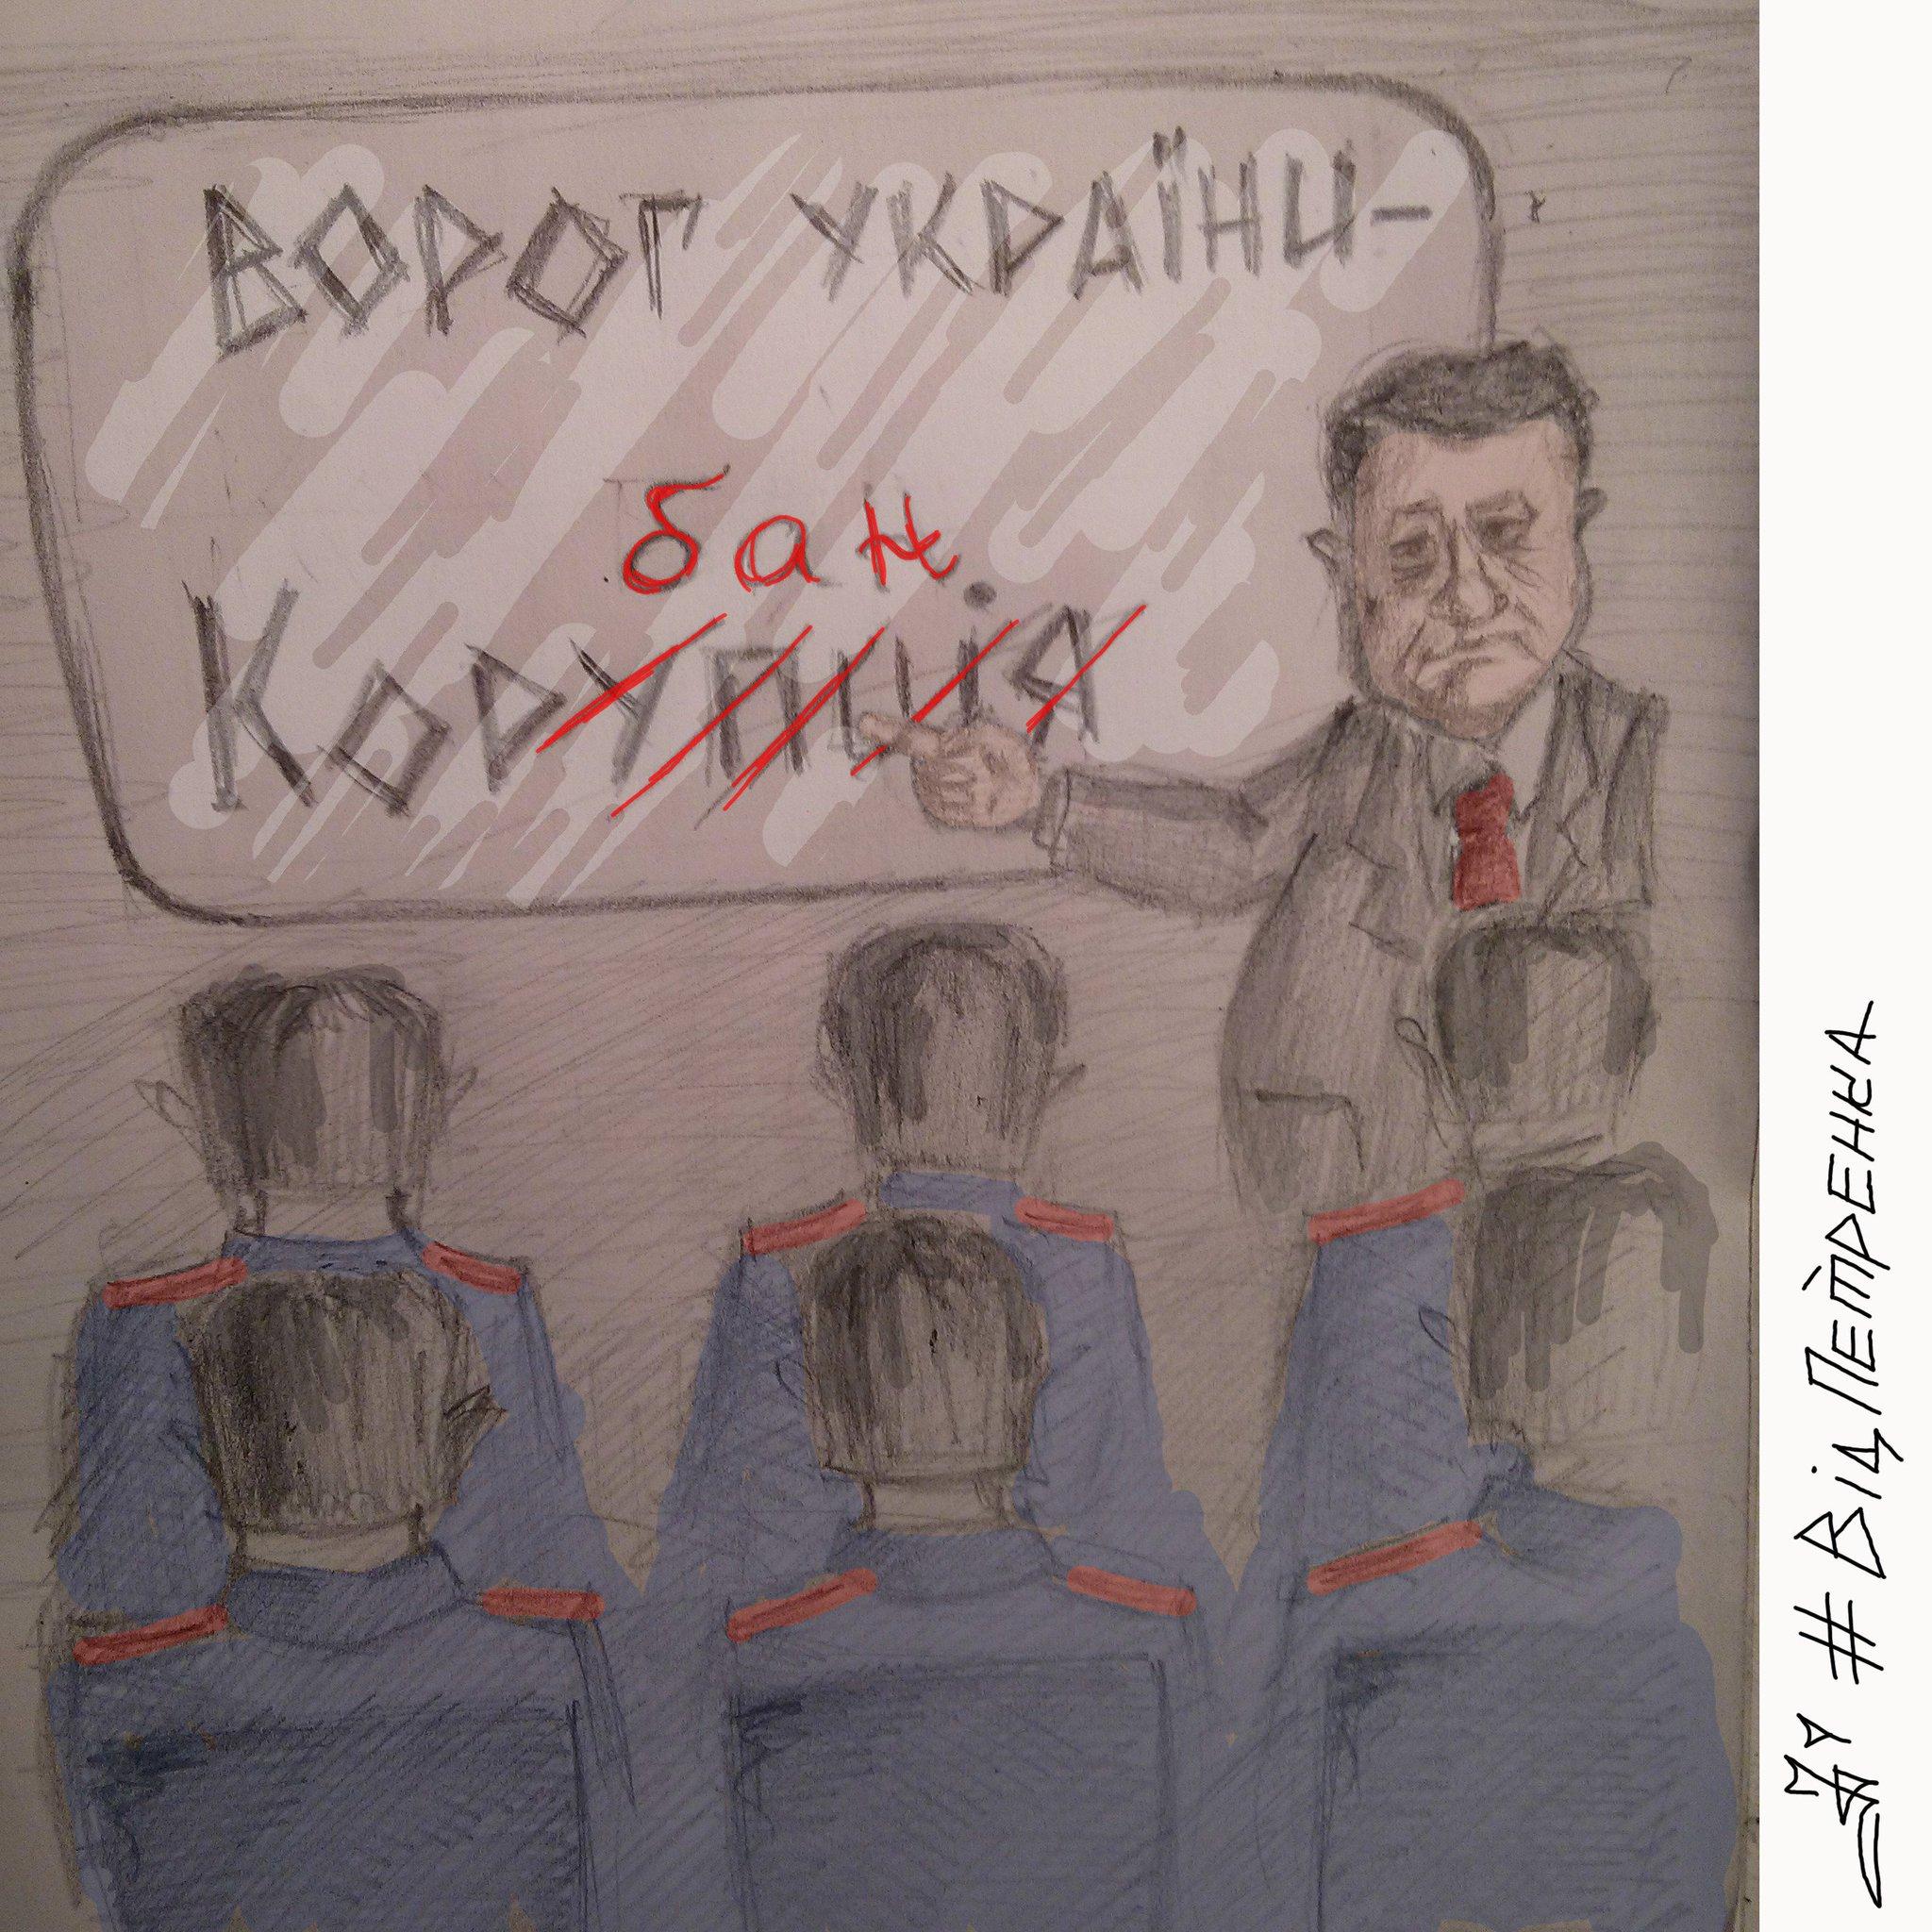 Суд отказался рассматривать дело Корбана в закрытом режиме - Цензор.НЕТ 5724